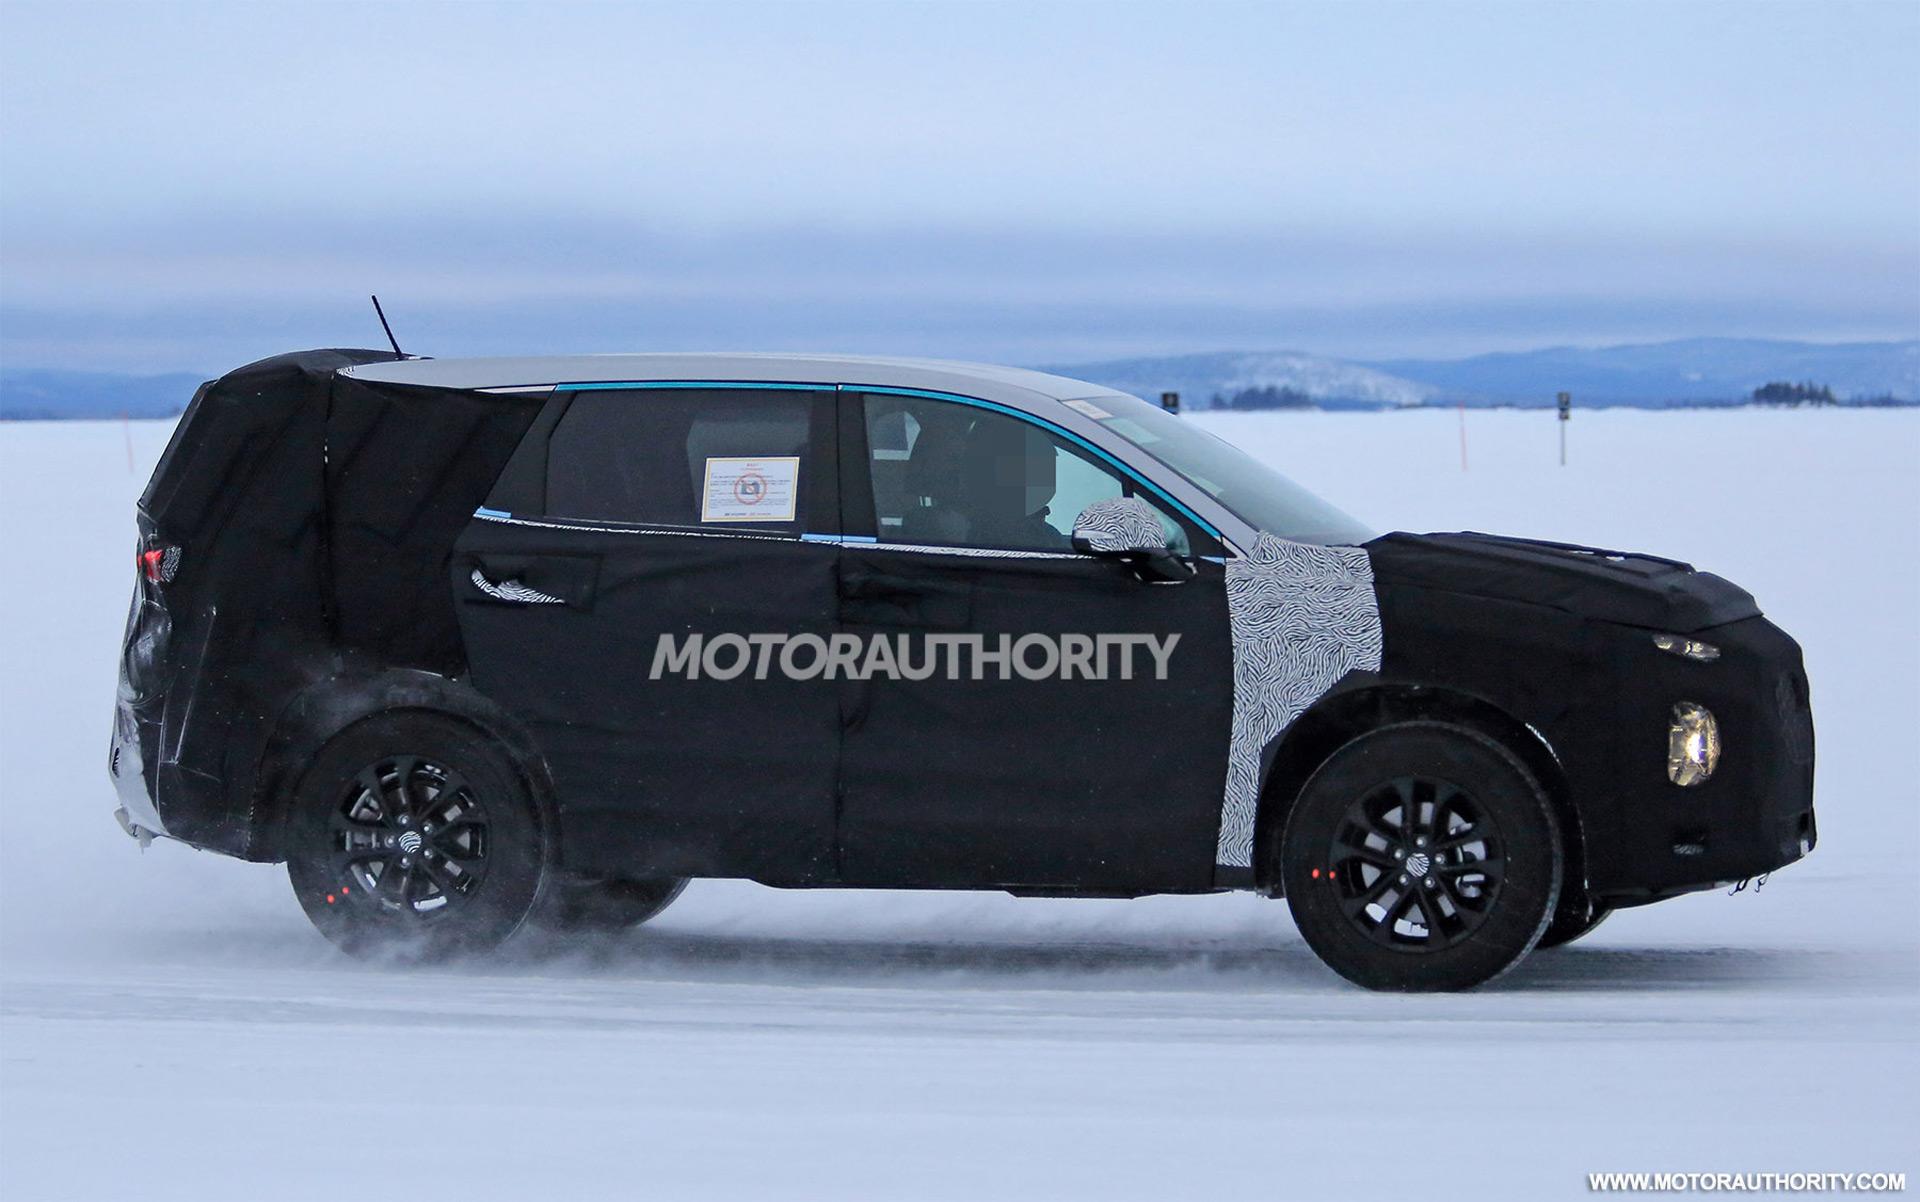 2019 Hyundai Santa Fe spy shots | Autozaurus